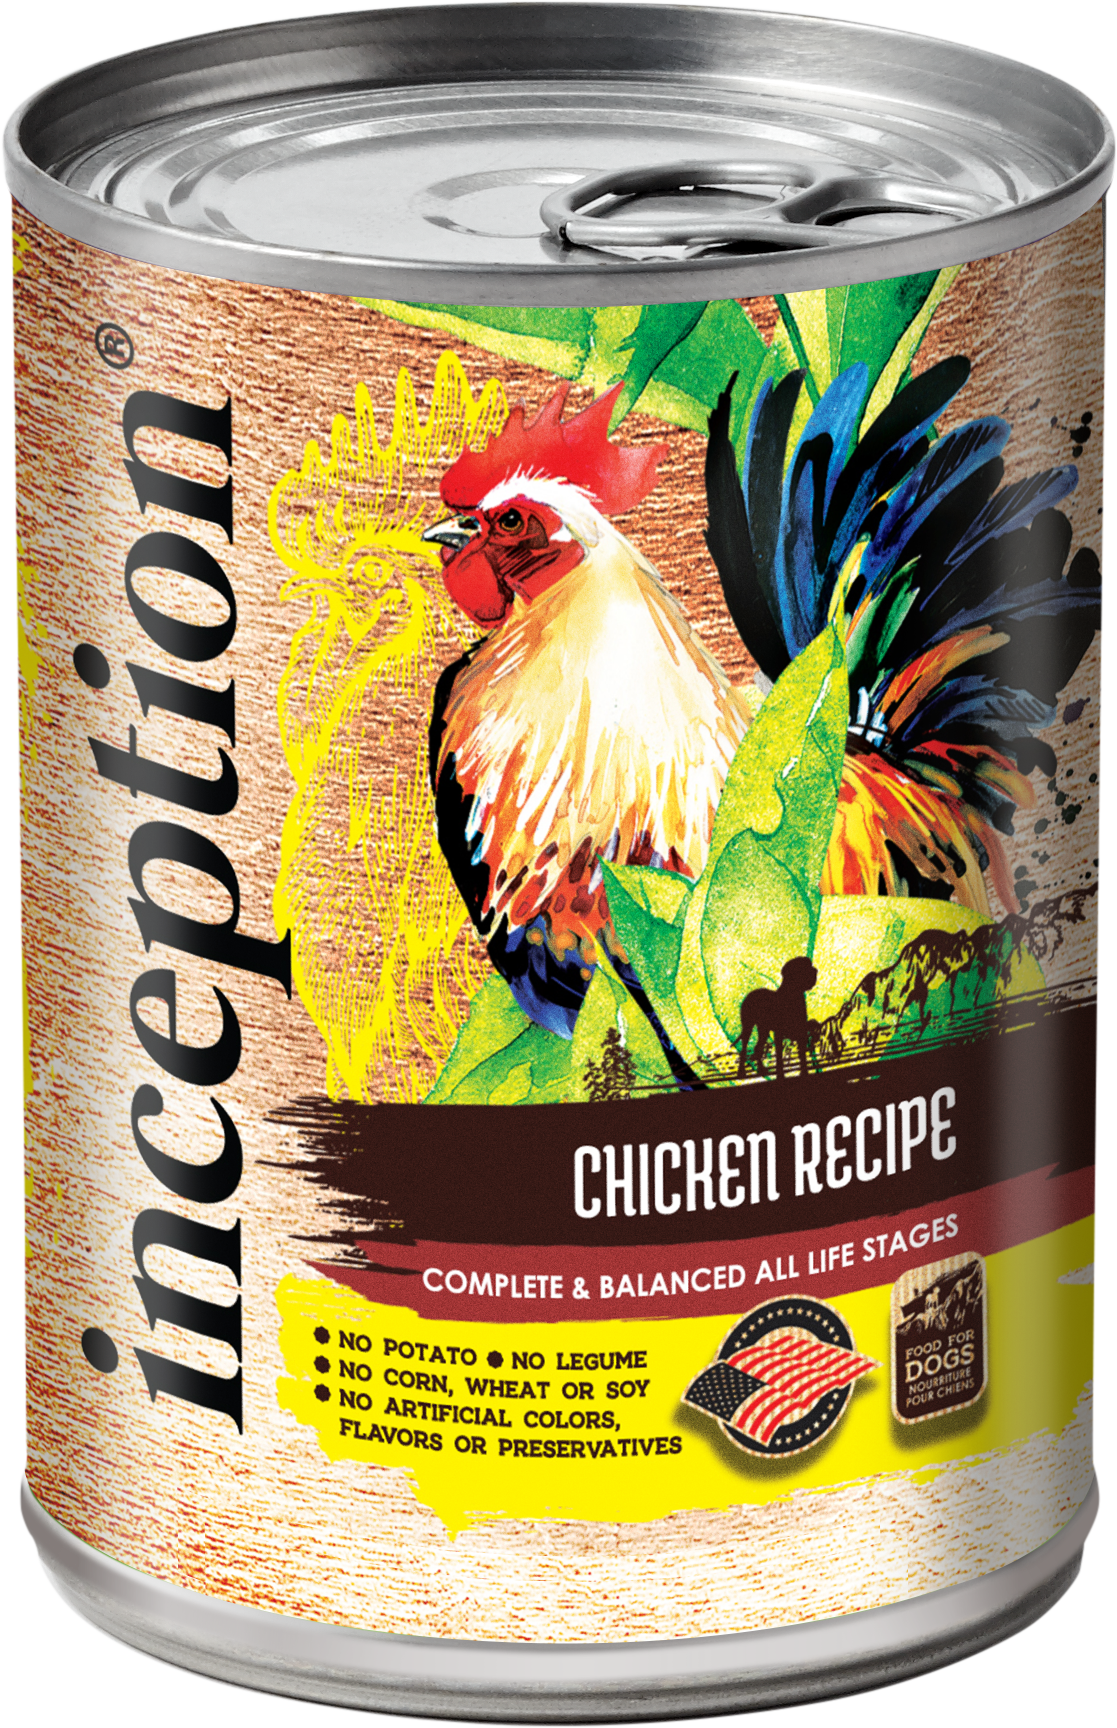 Inception Chicken Recipe Wet Dog Food, 13-oz